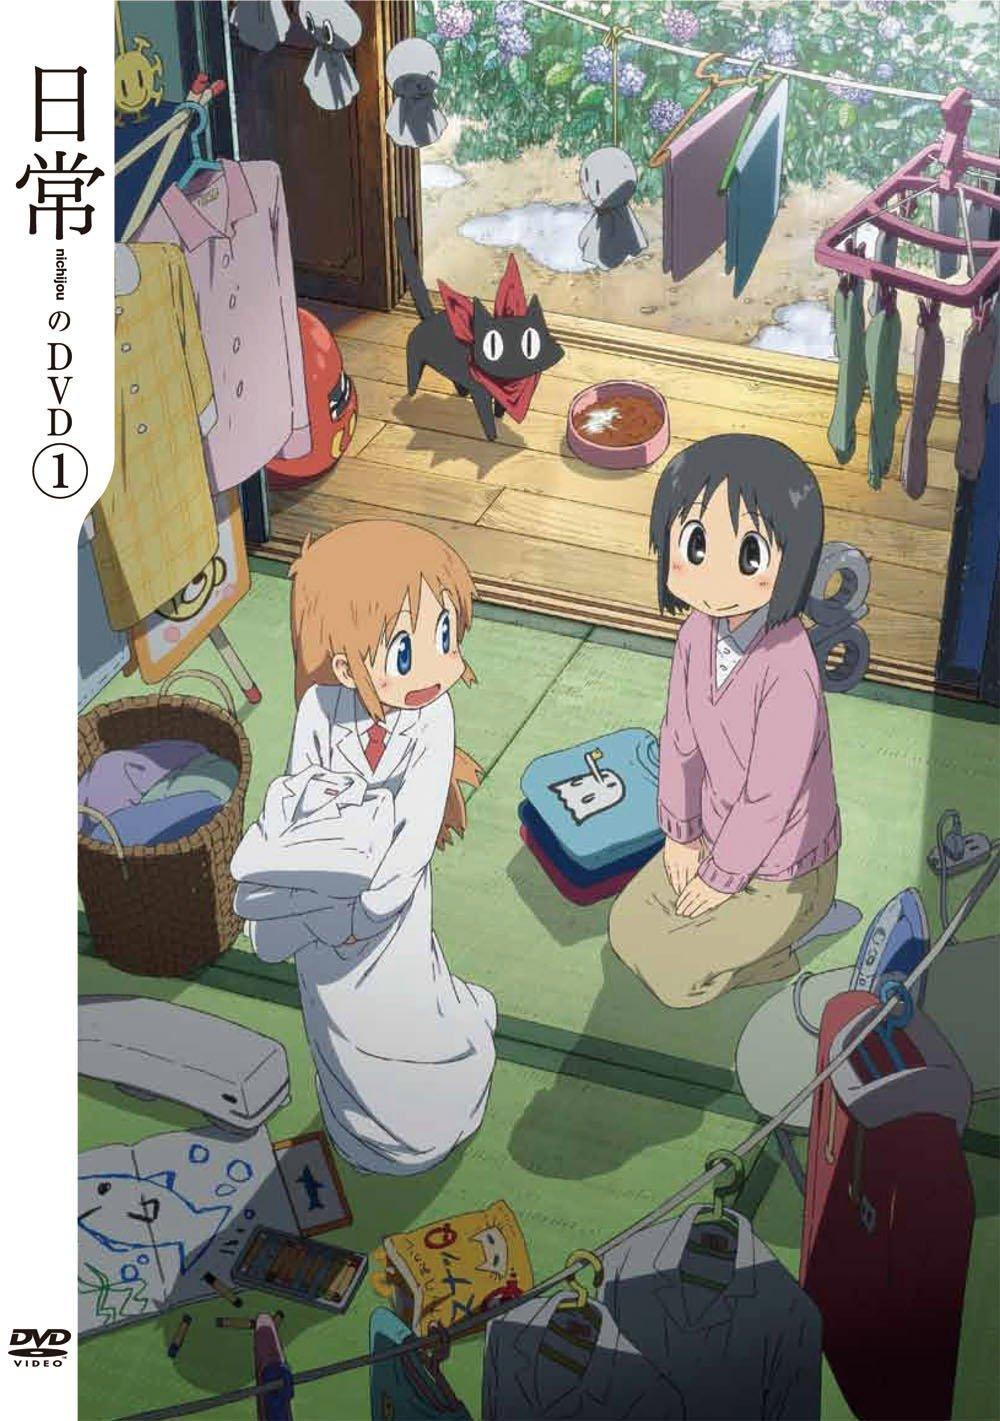 日常 における非日常な世界観アニメ「日常 」!笑いたいなら、まさにこのアニメ!